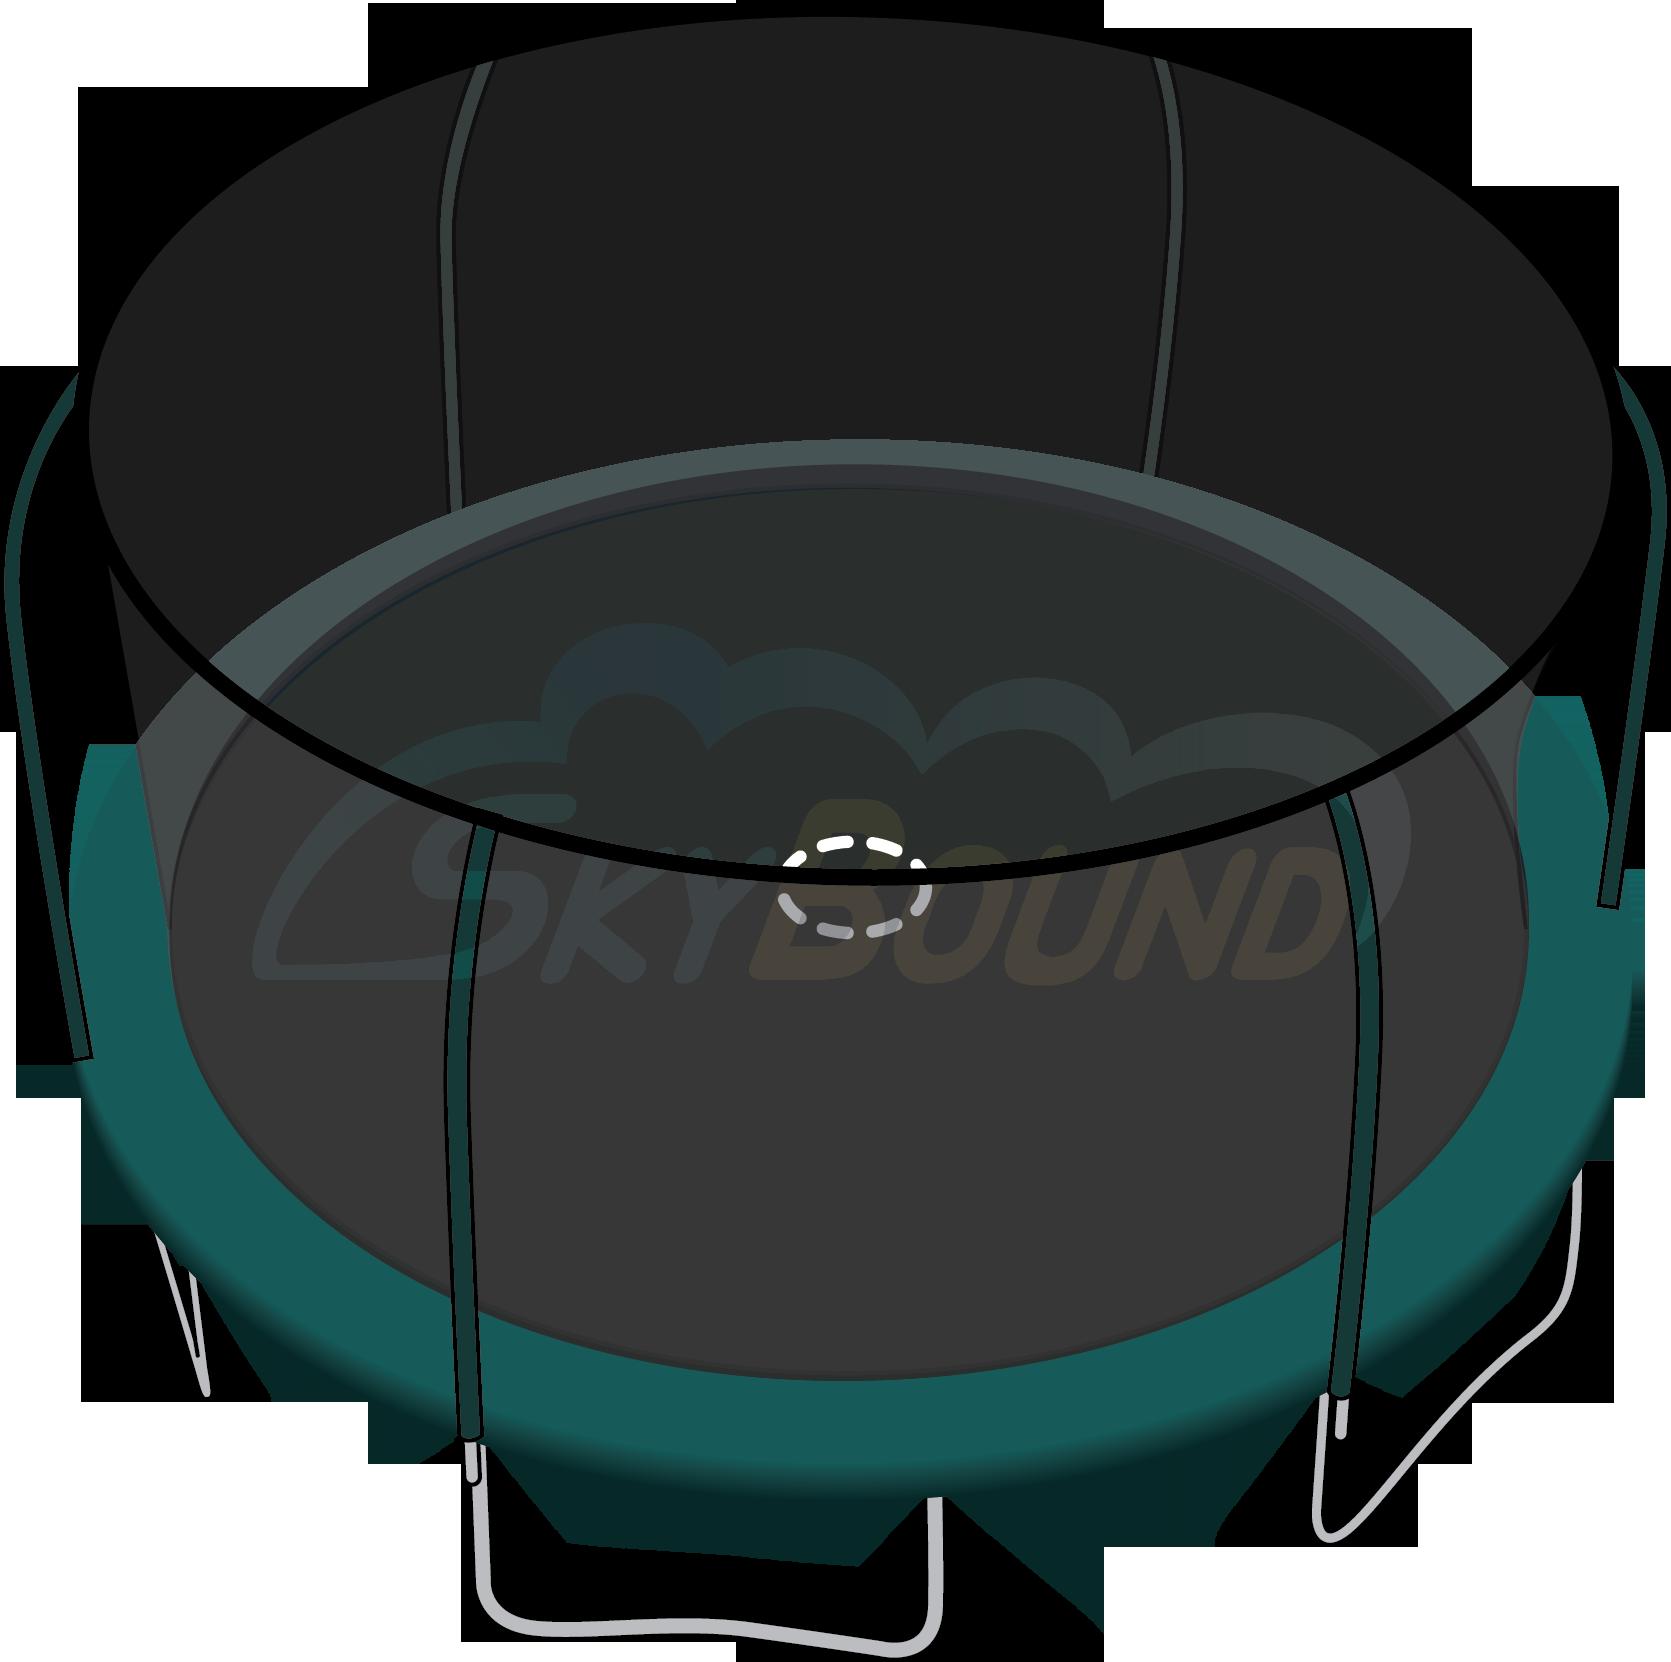 original bounce pro enclosure net trampoline parts center